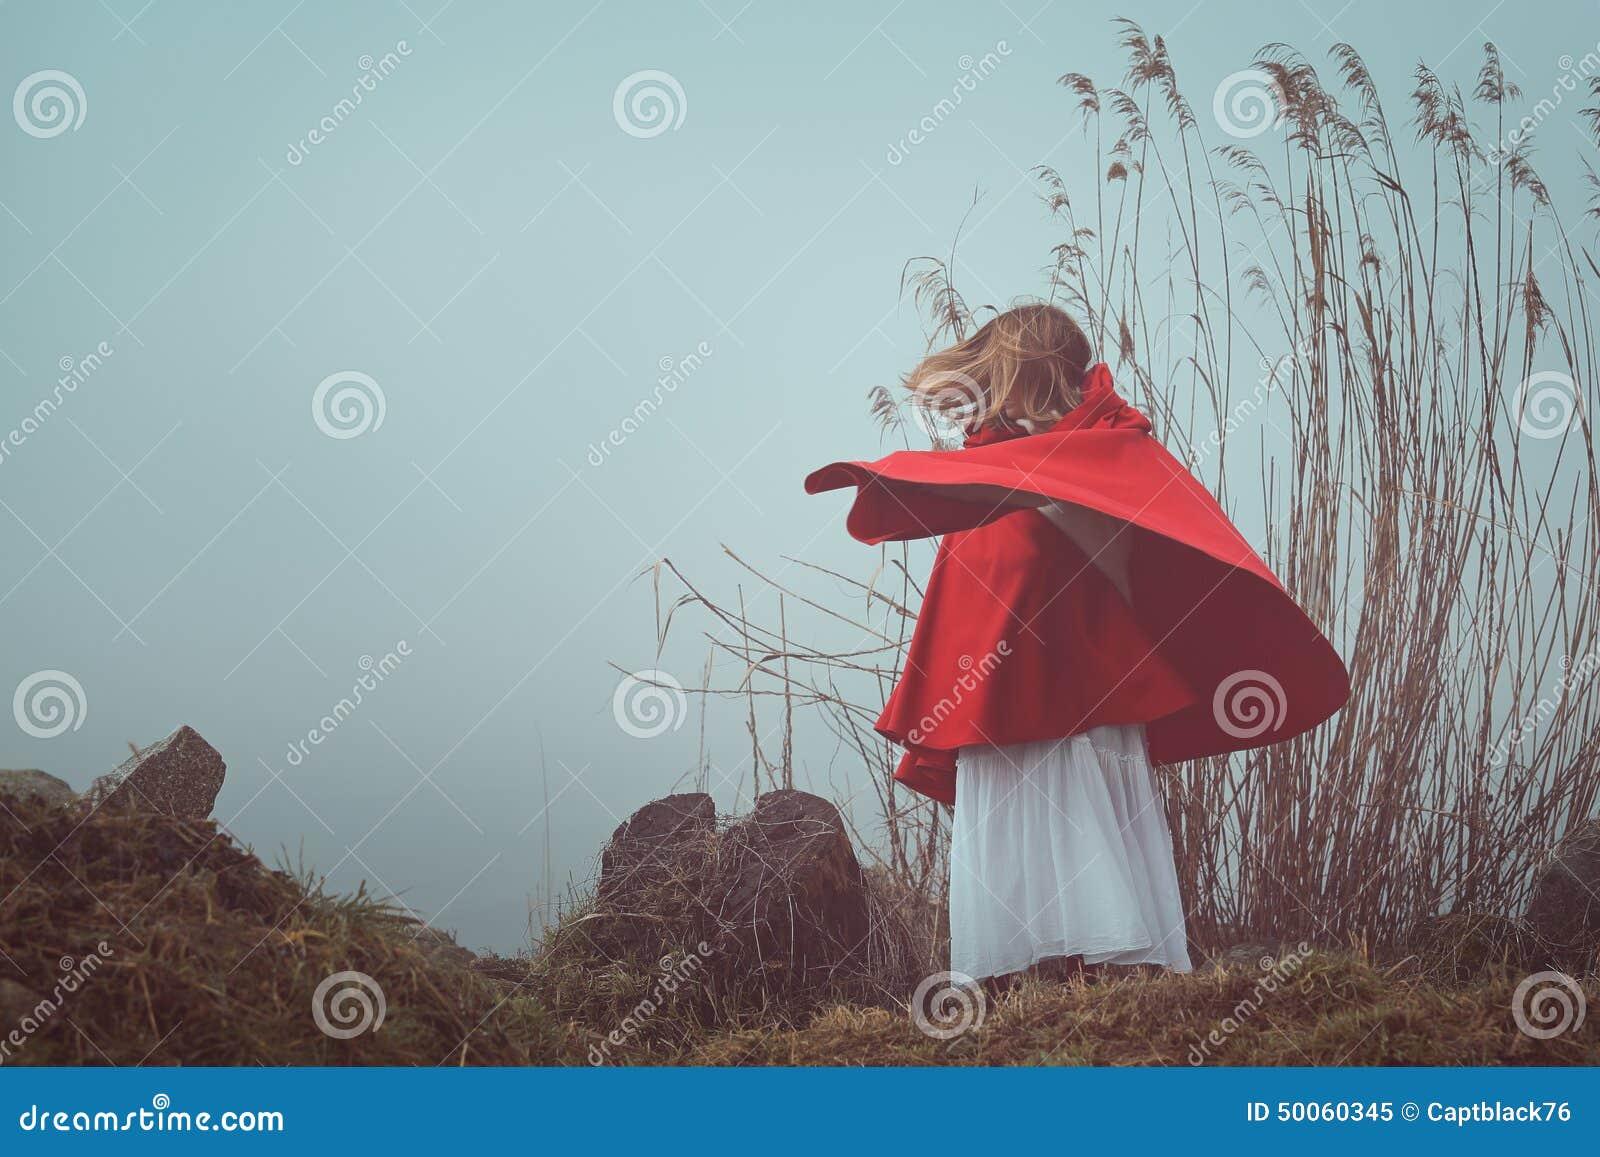 Dunkles und surreales Porträt einer roten mit Kapuze Frau